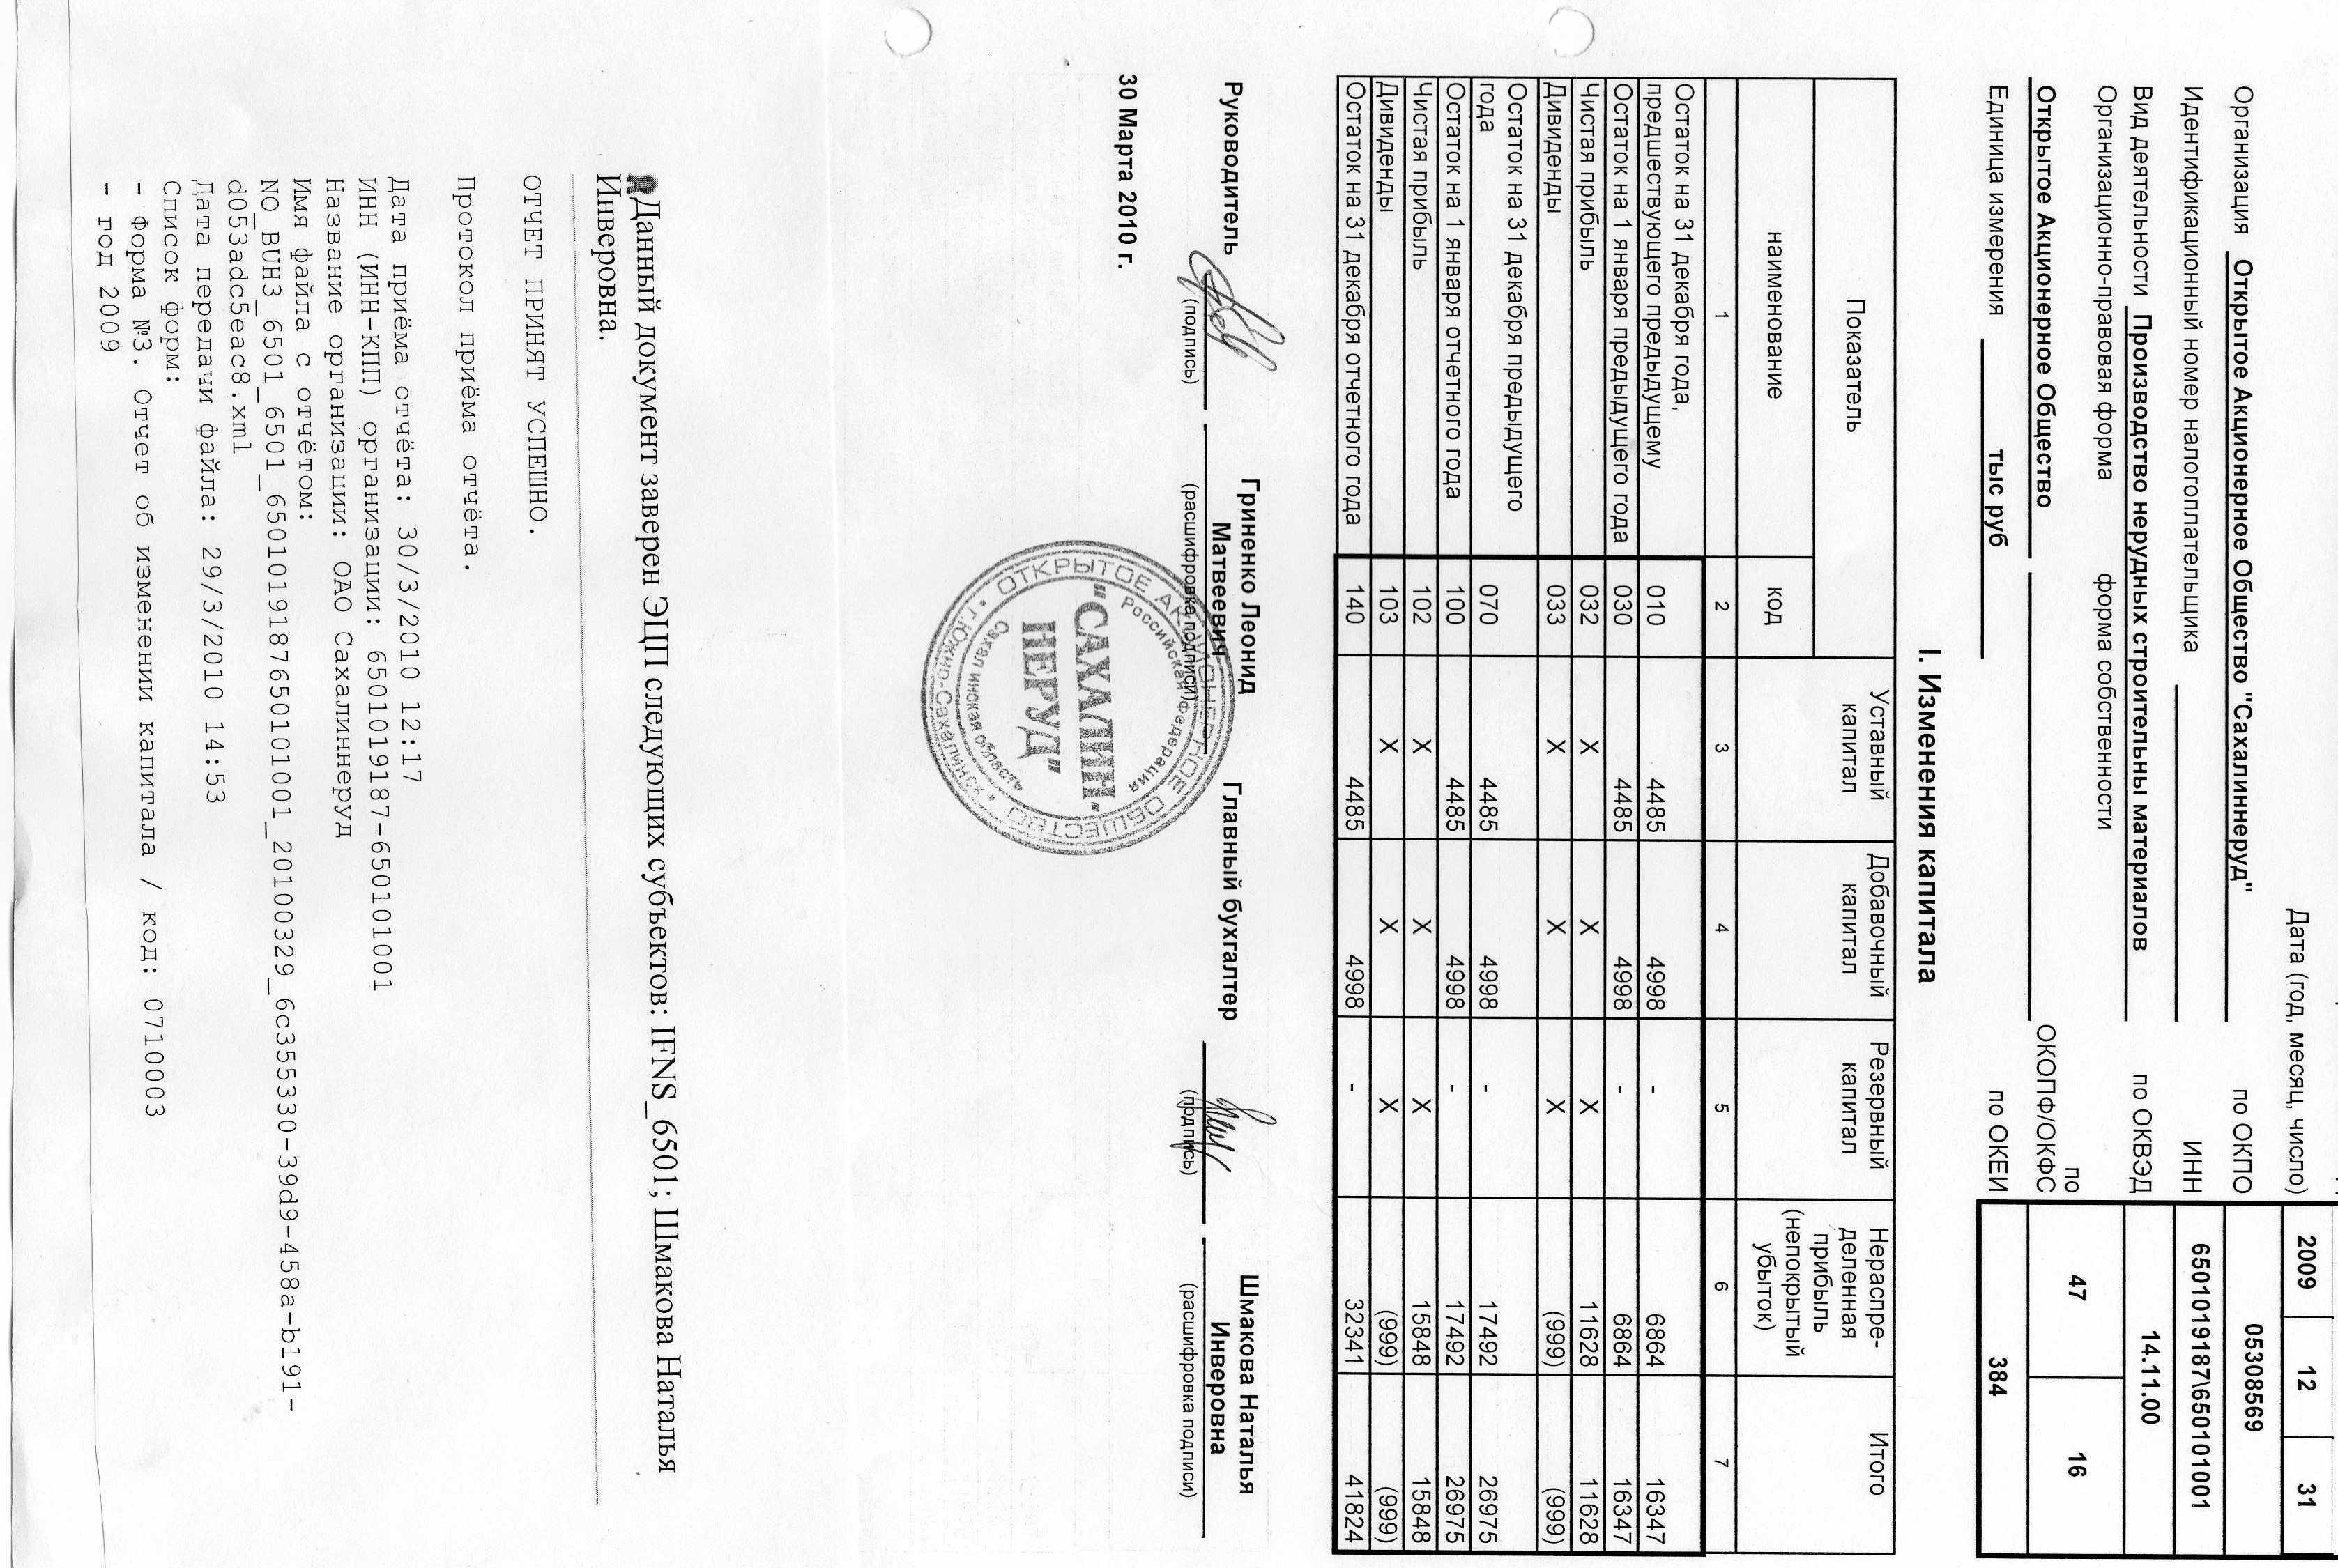 бухгалтерская отчетность организации курсовая работа 2017